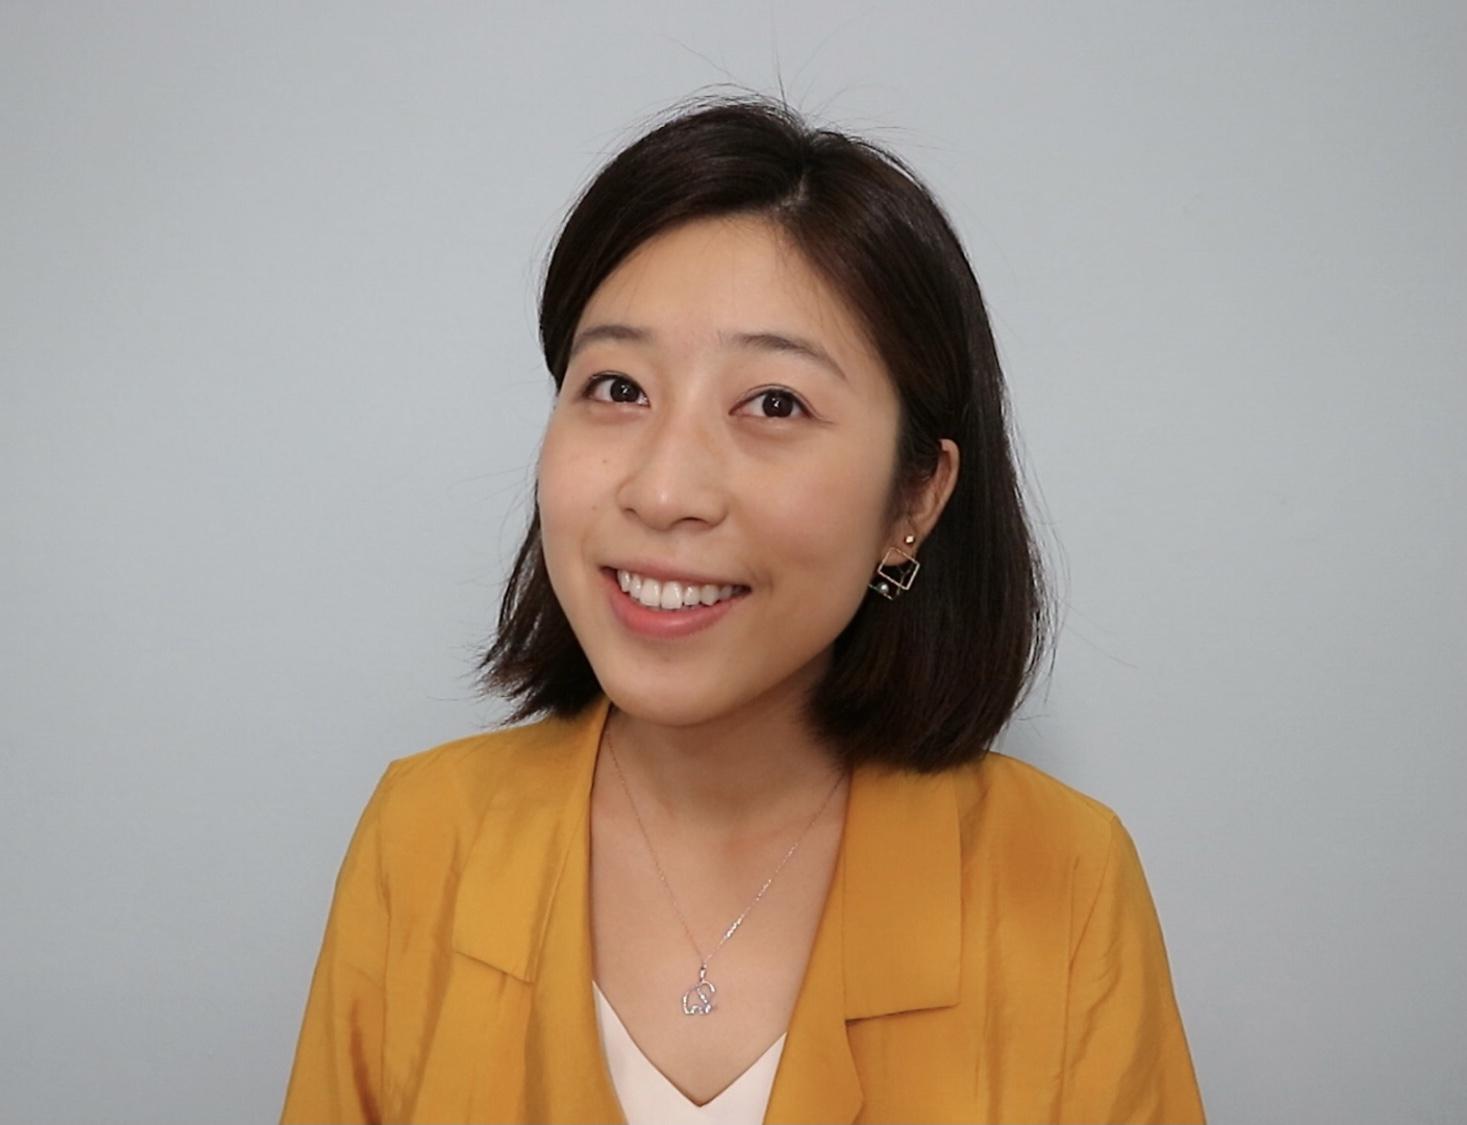 Danlei (Gladys) Xiang